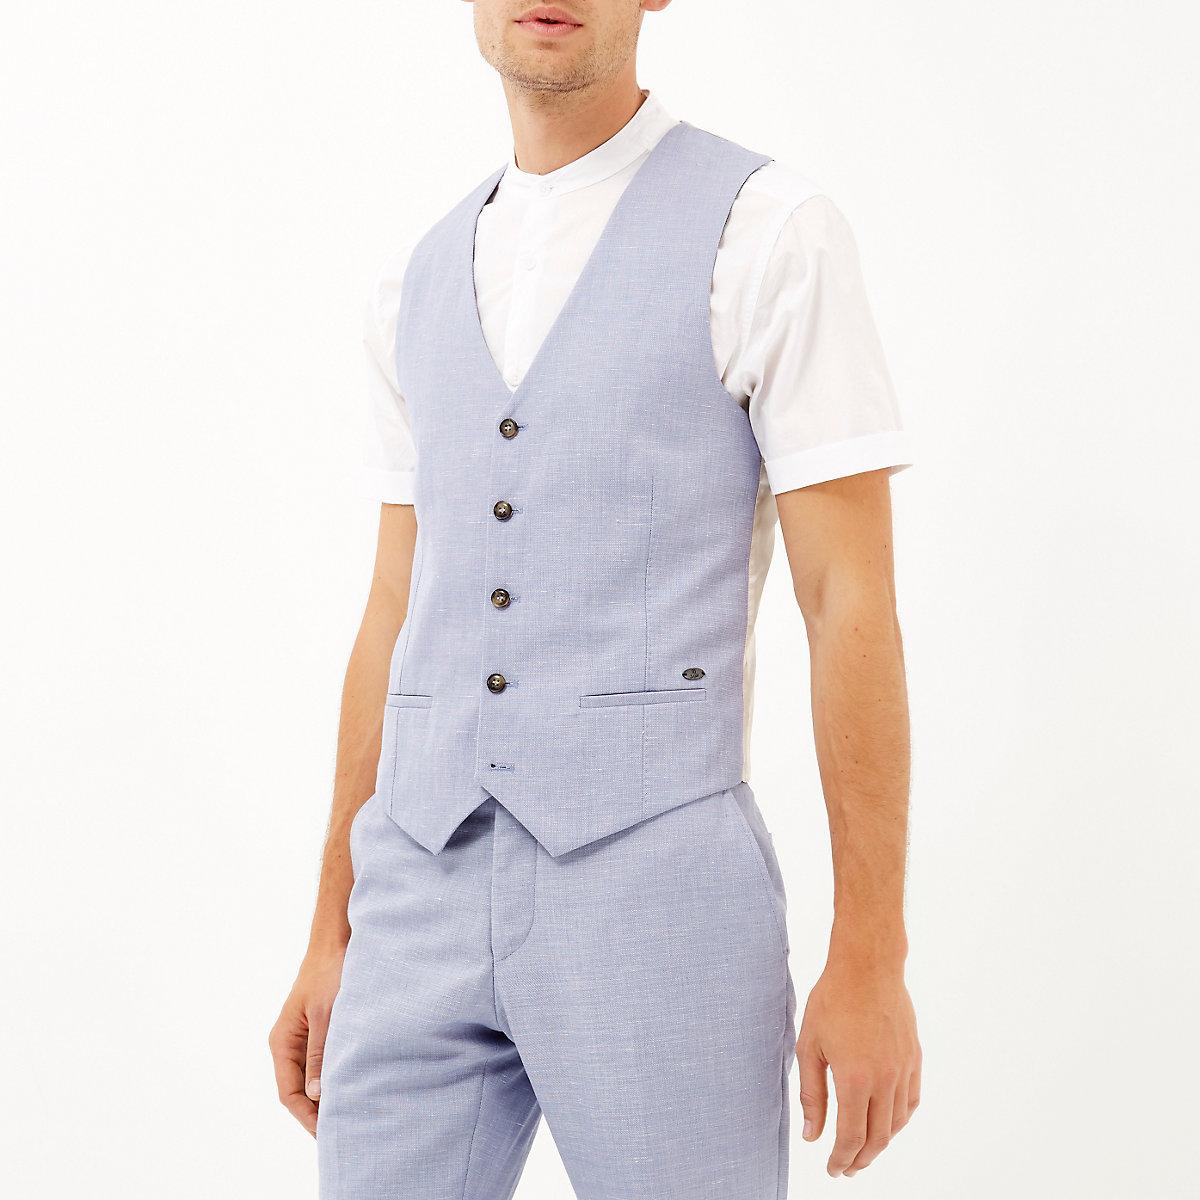 Blue paisley lined vest